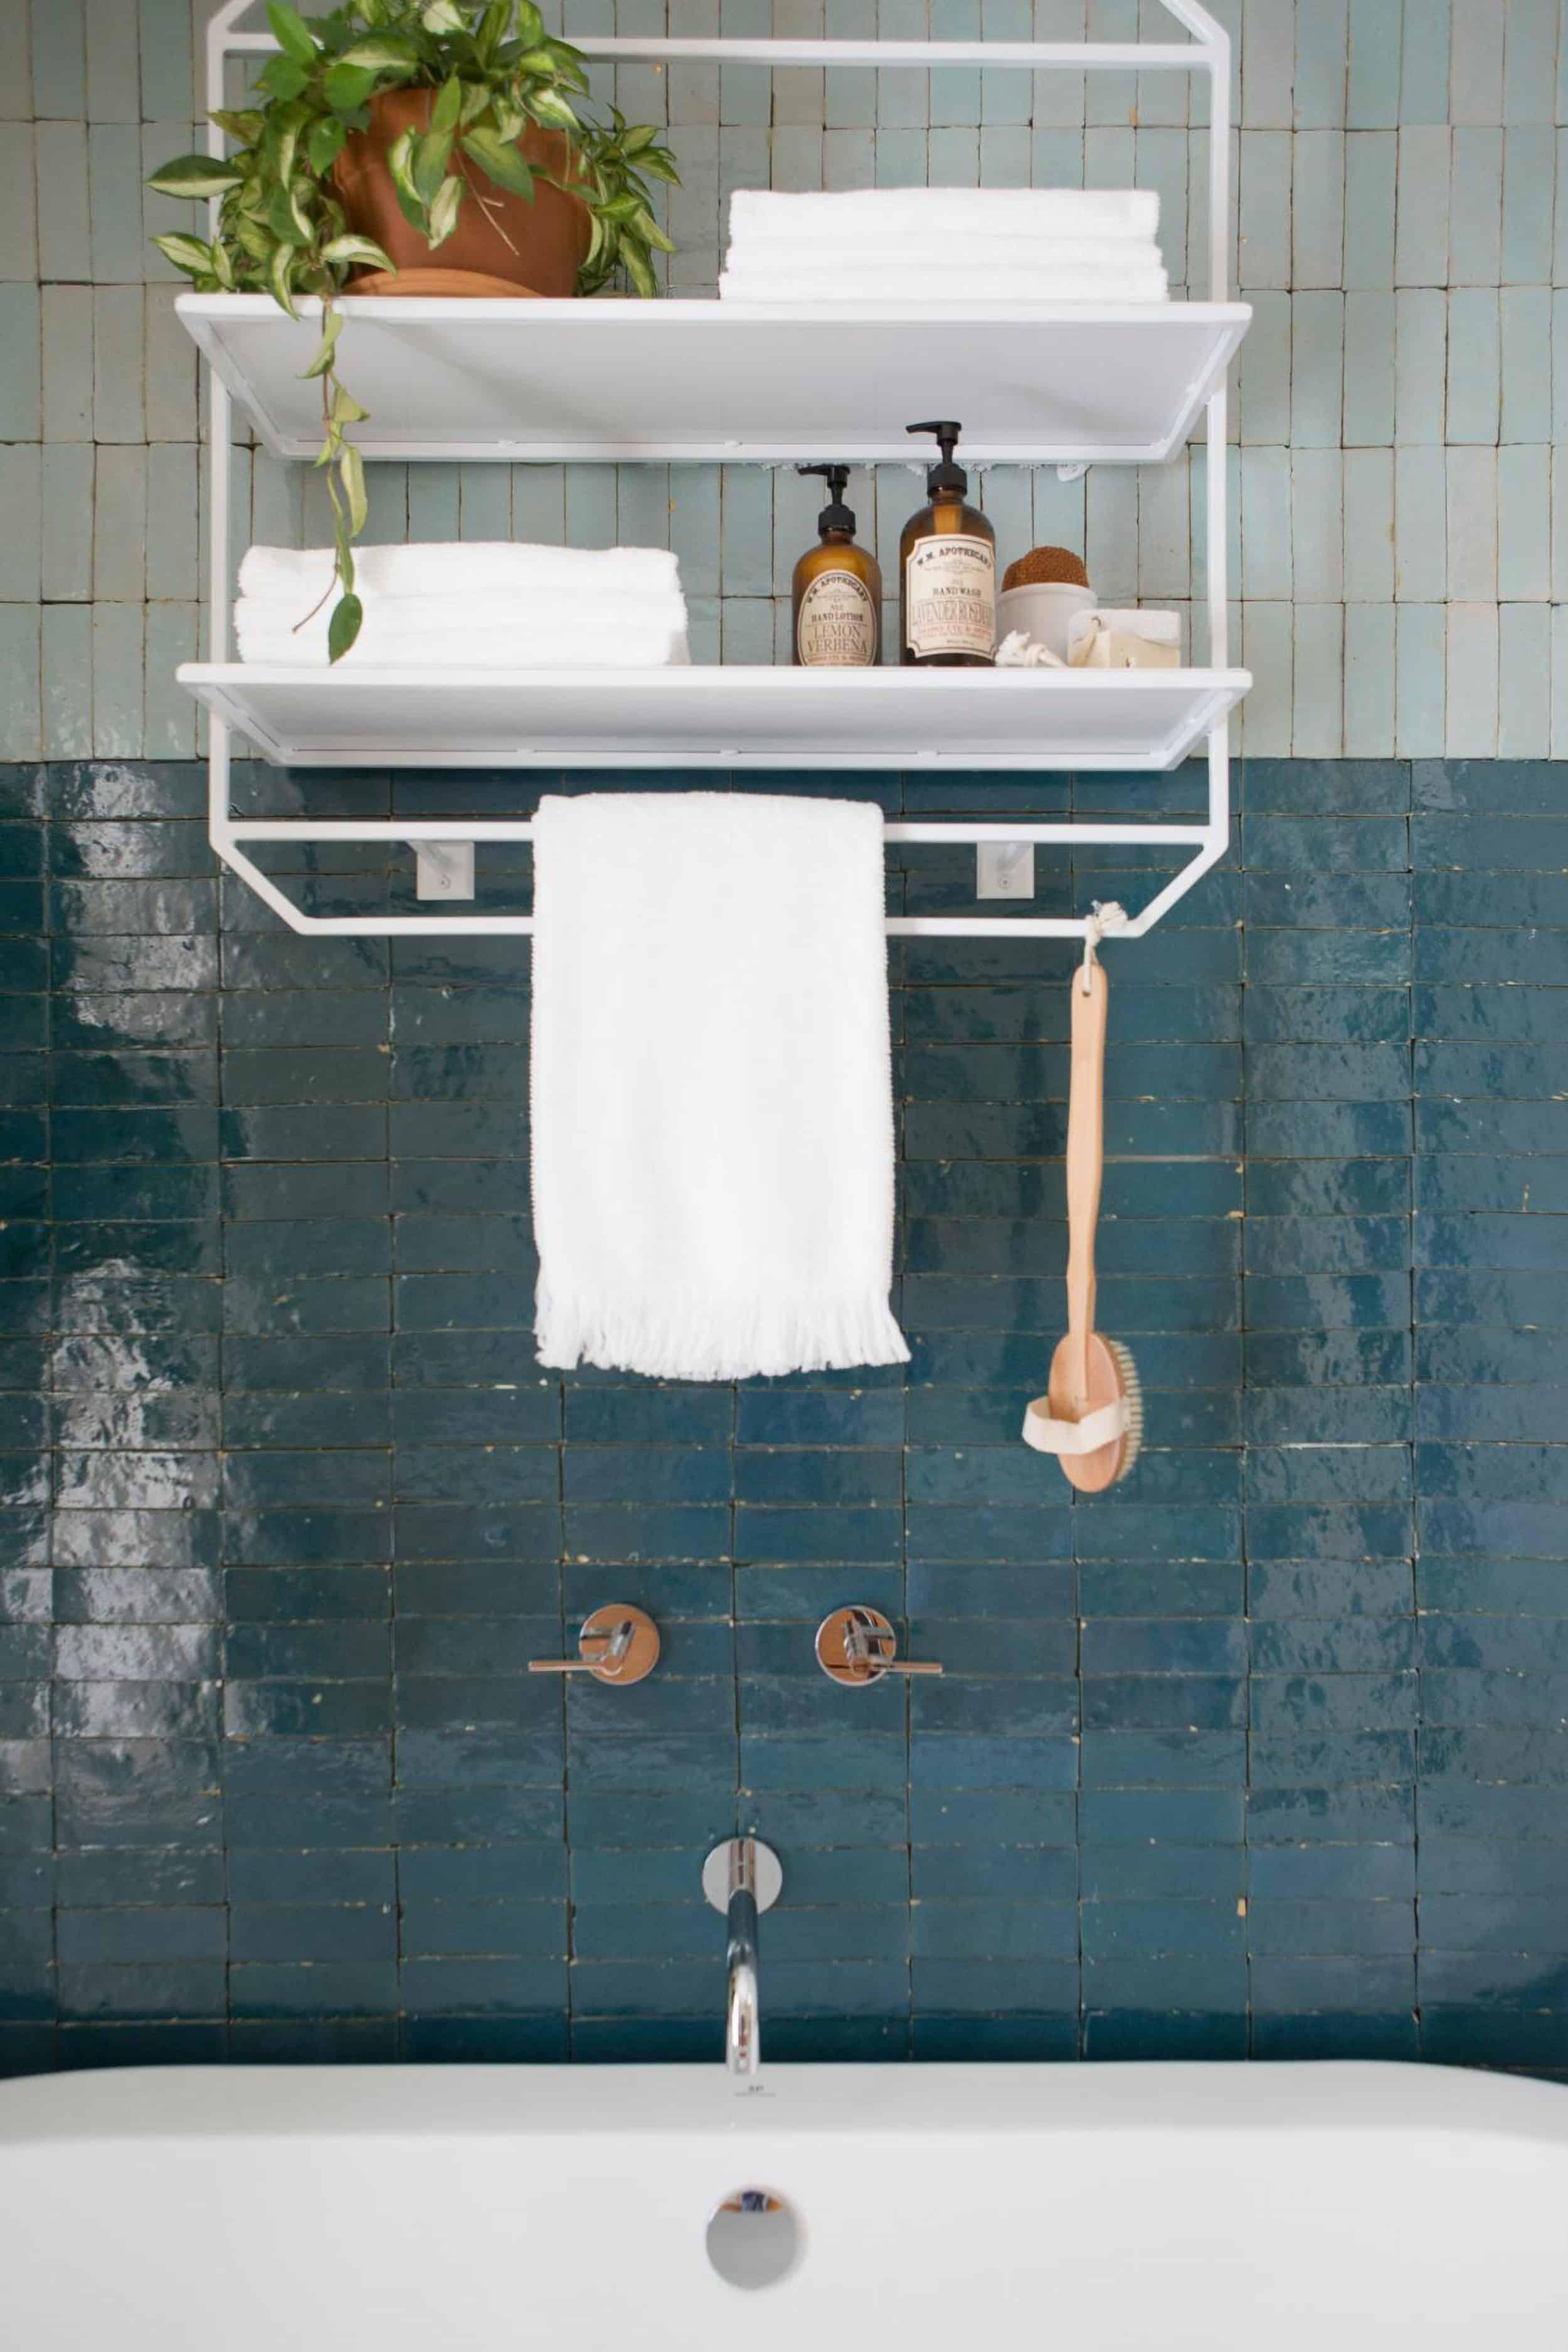 Fixer Upper Colorblock Tile in Bathroom